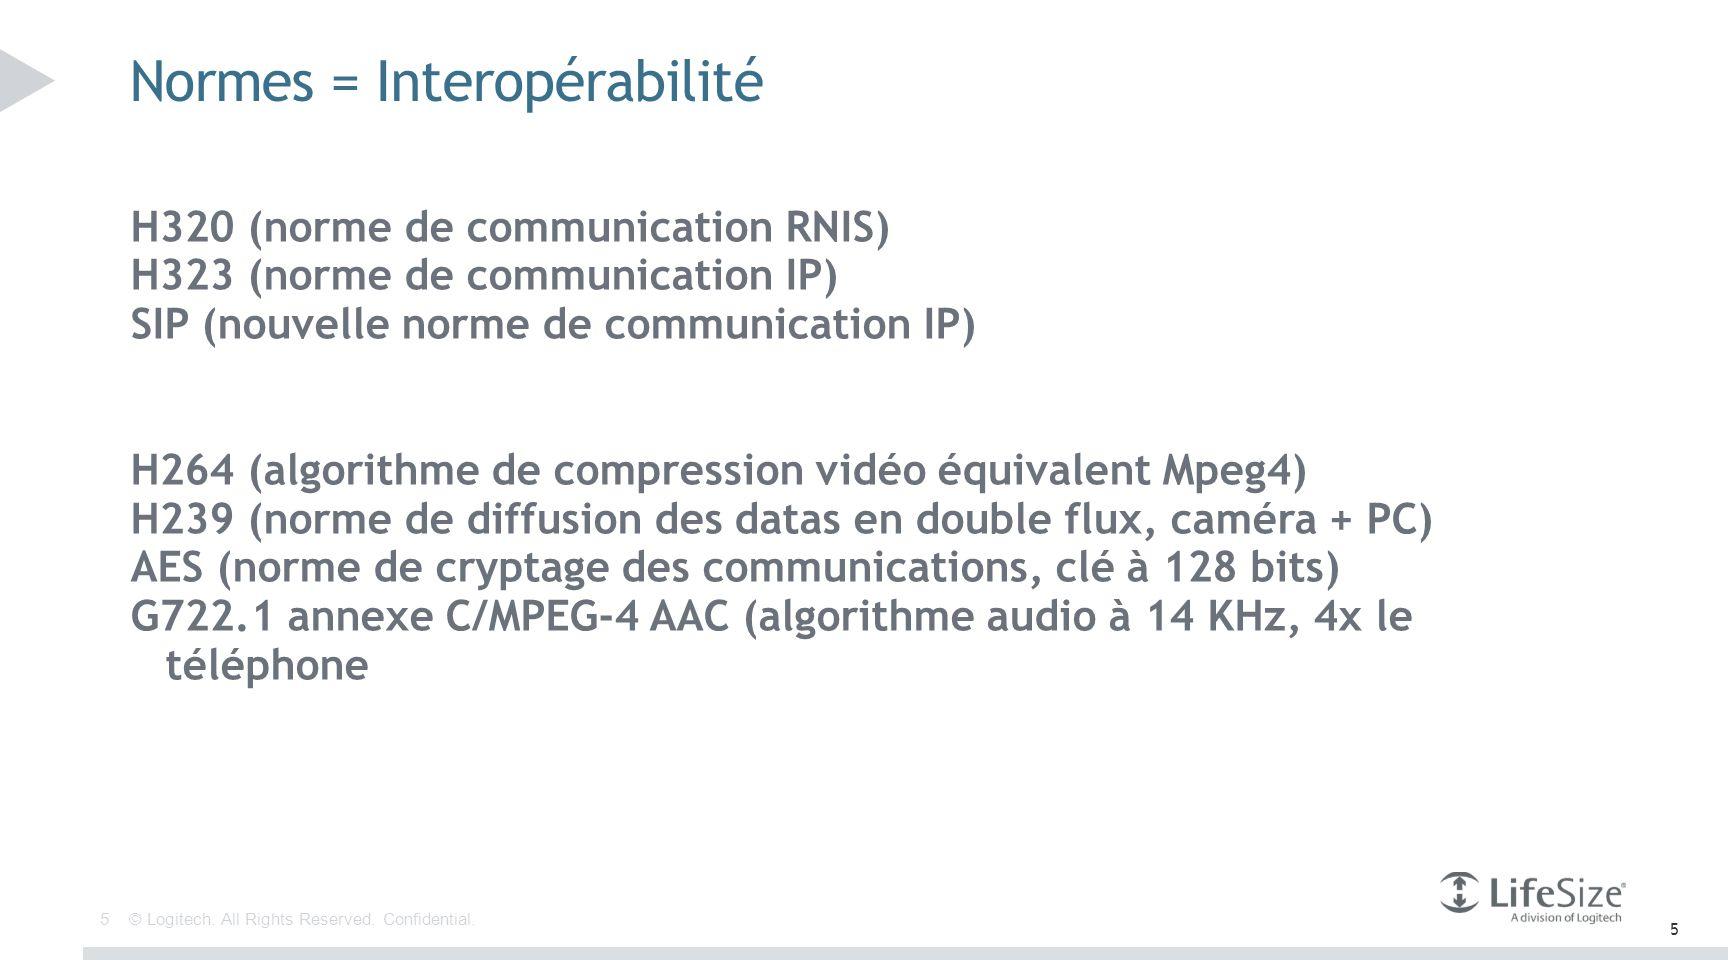 Normes = Interopérabilité